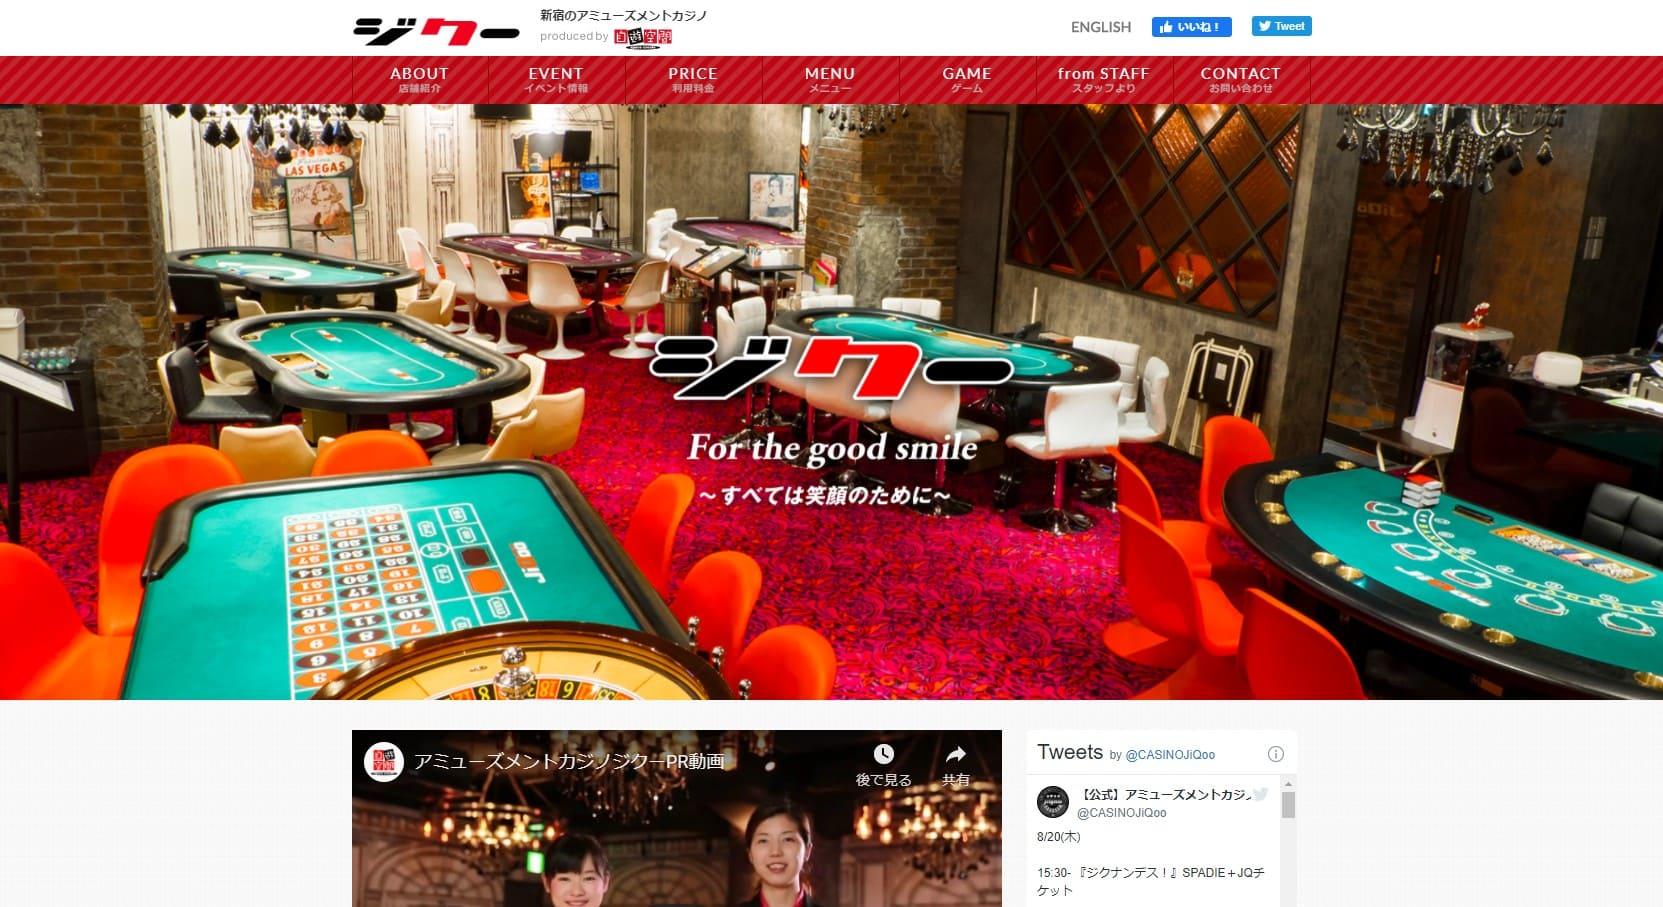 アミューズメントカジノ ジクー西武新宿駅前店ウェブサイト画像。